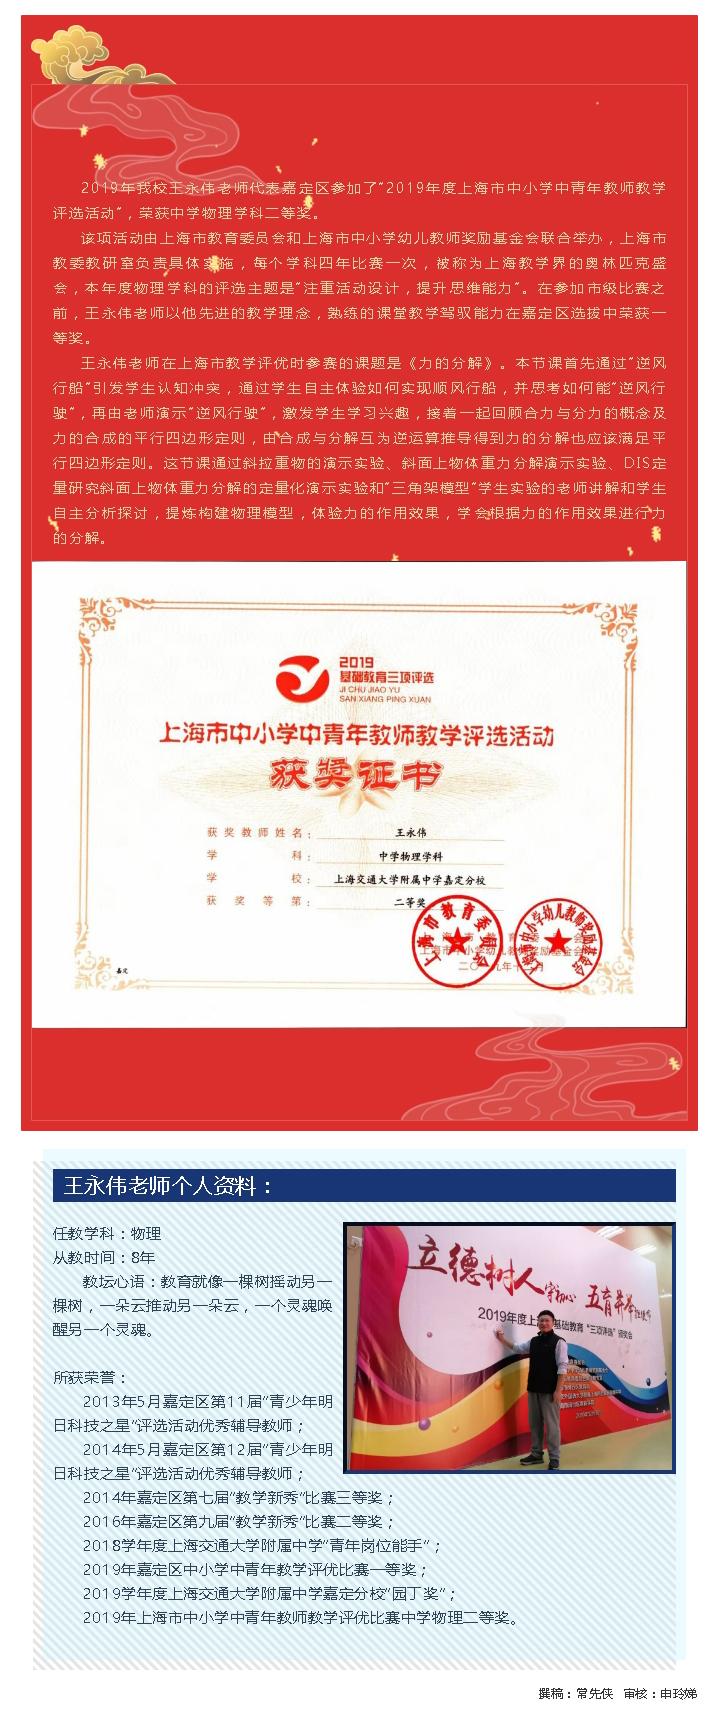 我校王永伟老师荣获2019年度上海市中小学中青年教师教学评优比赛二等奖_20200102103956.jpg